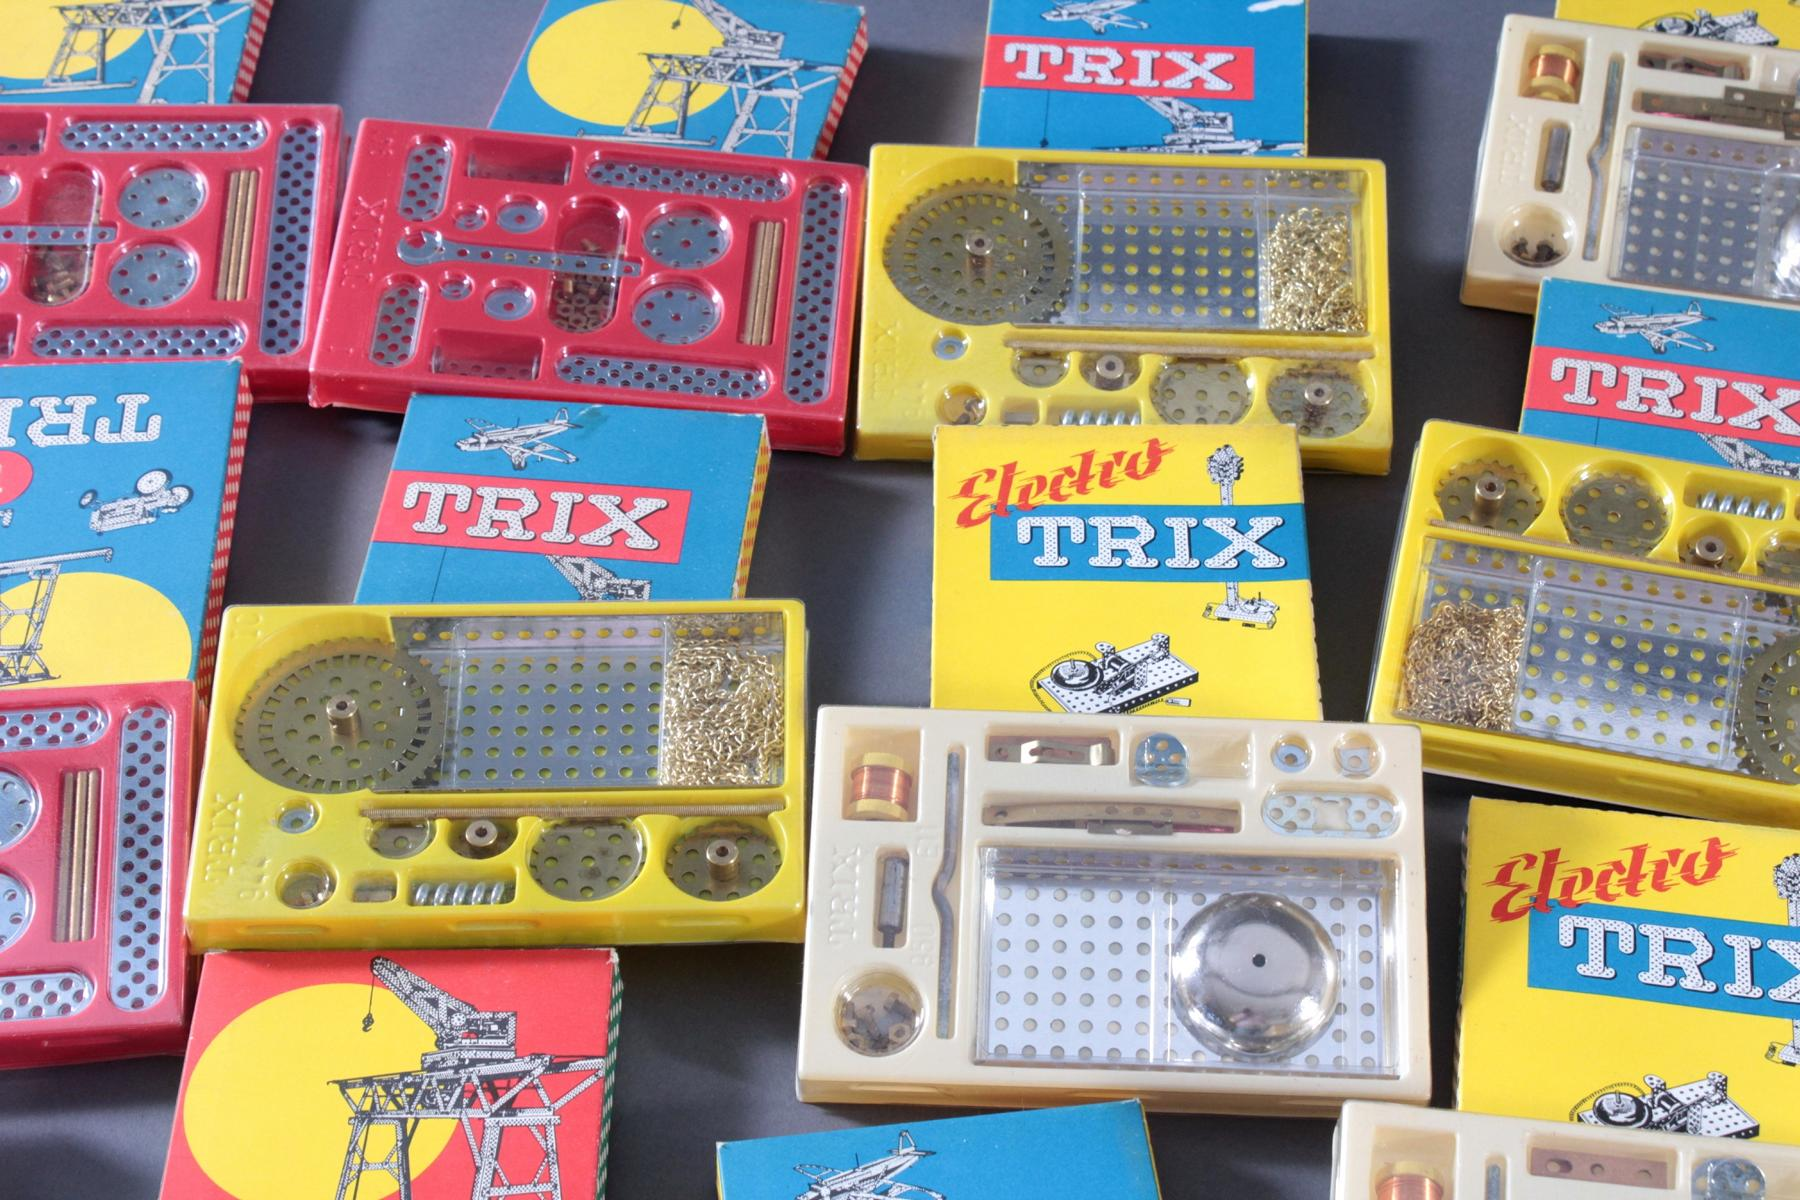 TRIX Metallbaukästen, 1, 1b, 1c, 1d und 11 (Elektro)-2